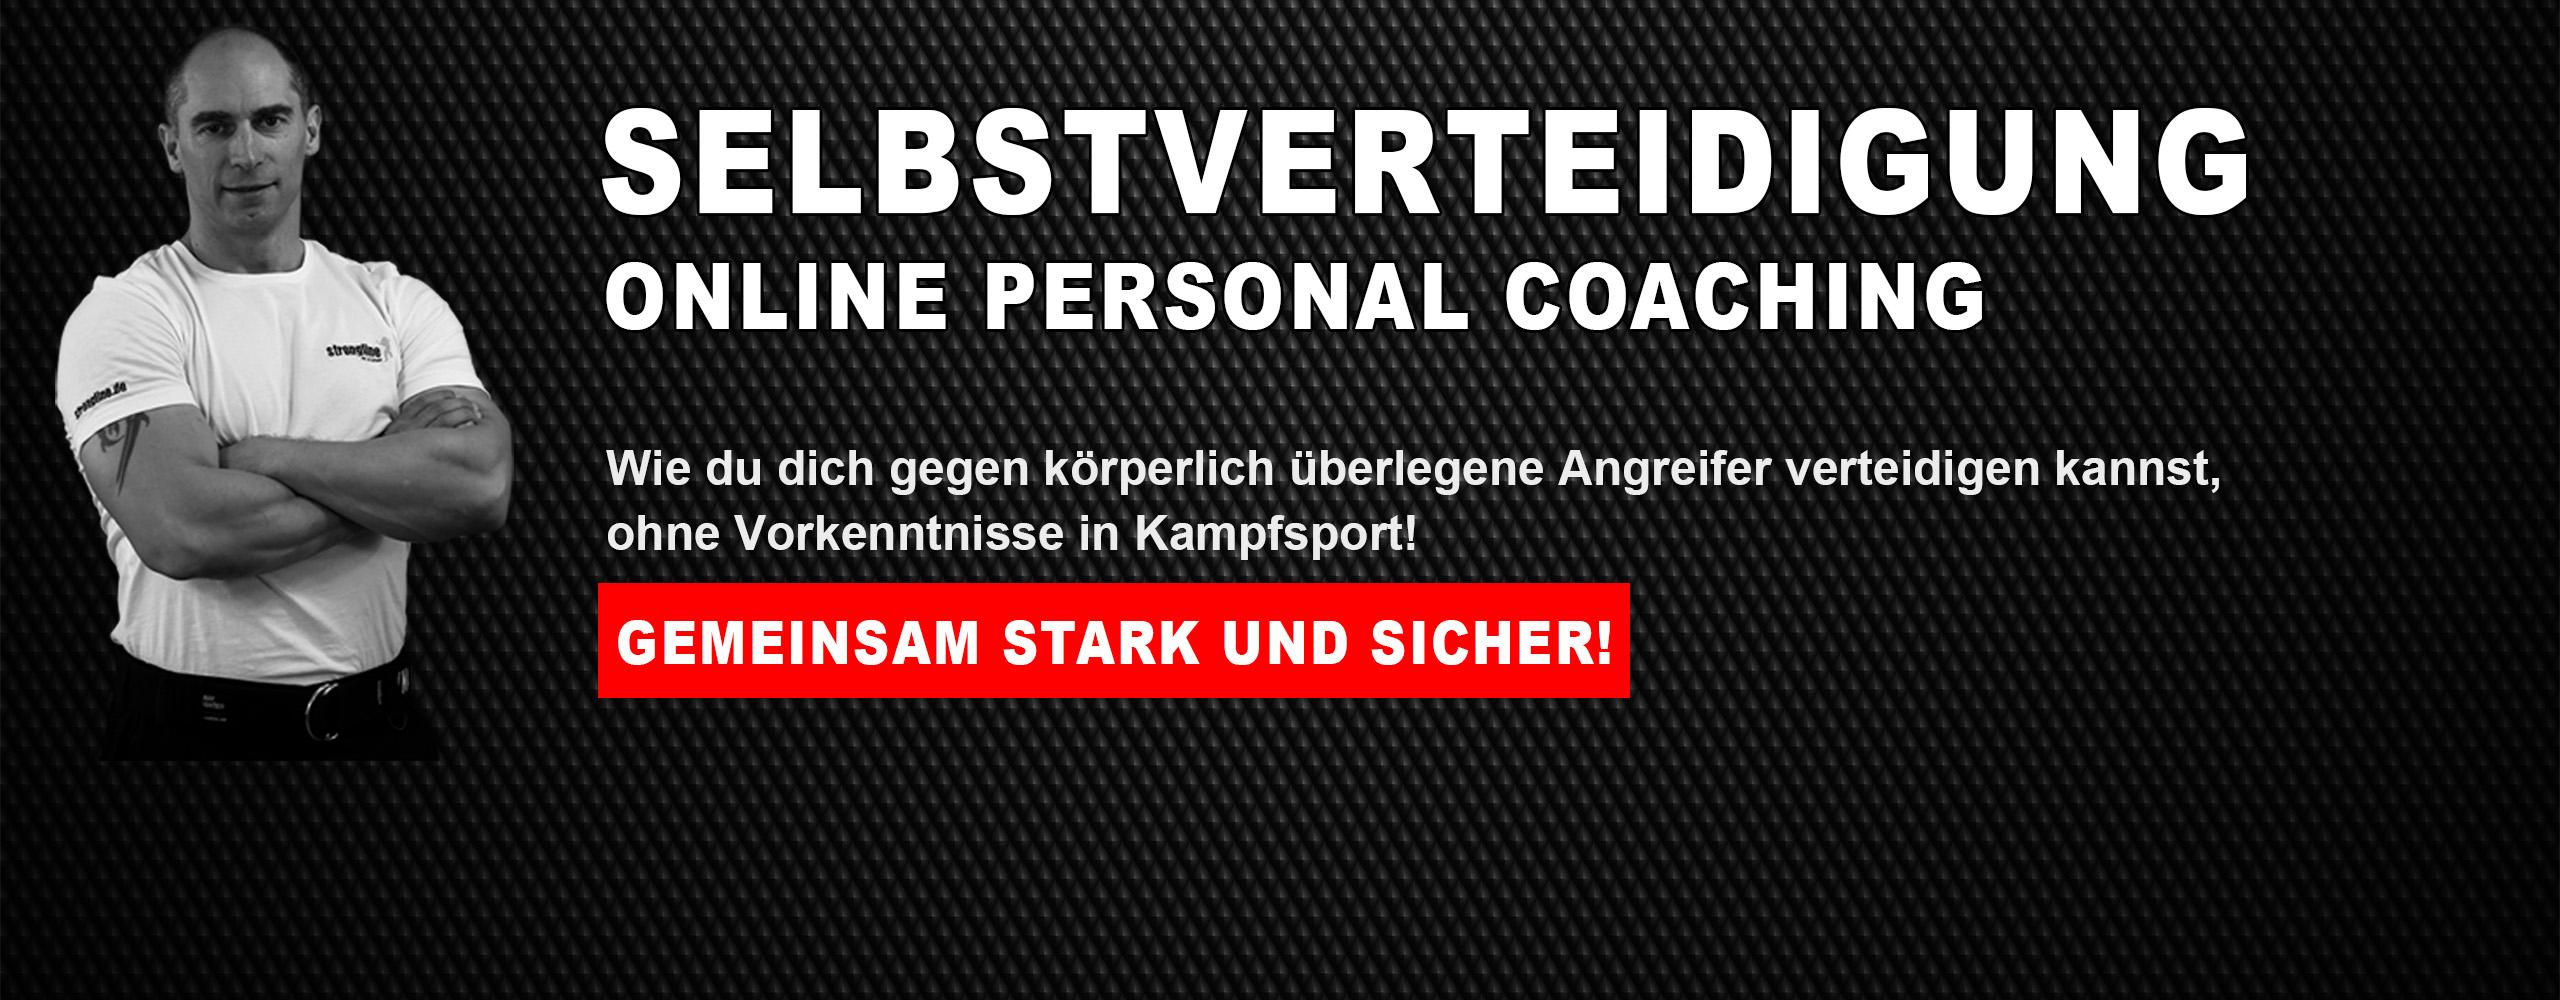 Online Coaching für Selbstverteidigung